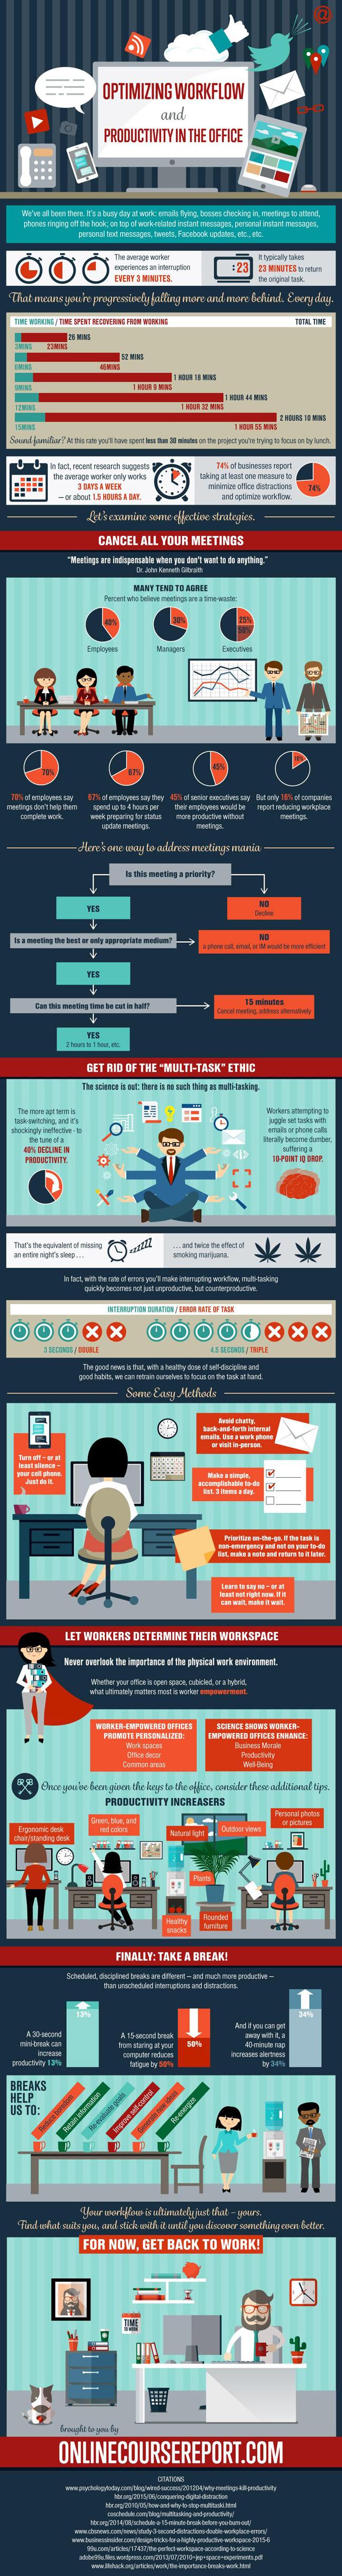 optimización-del-trabajo-infografía